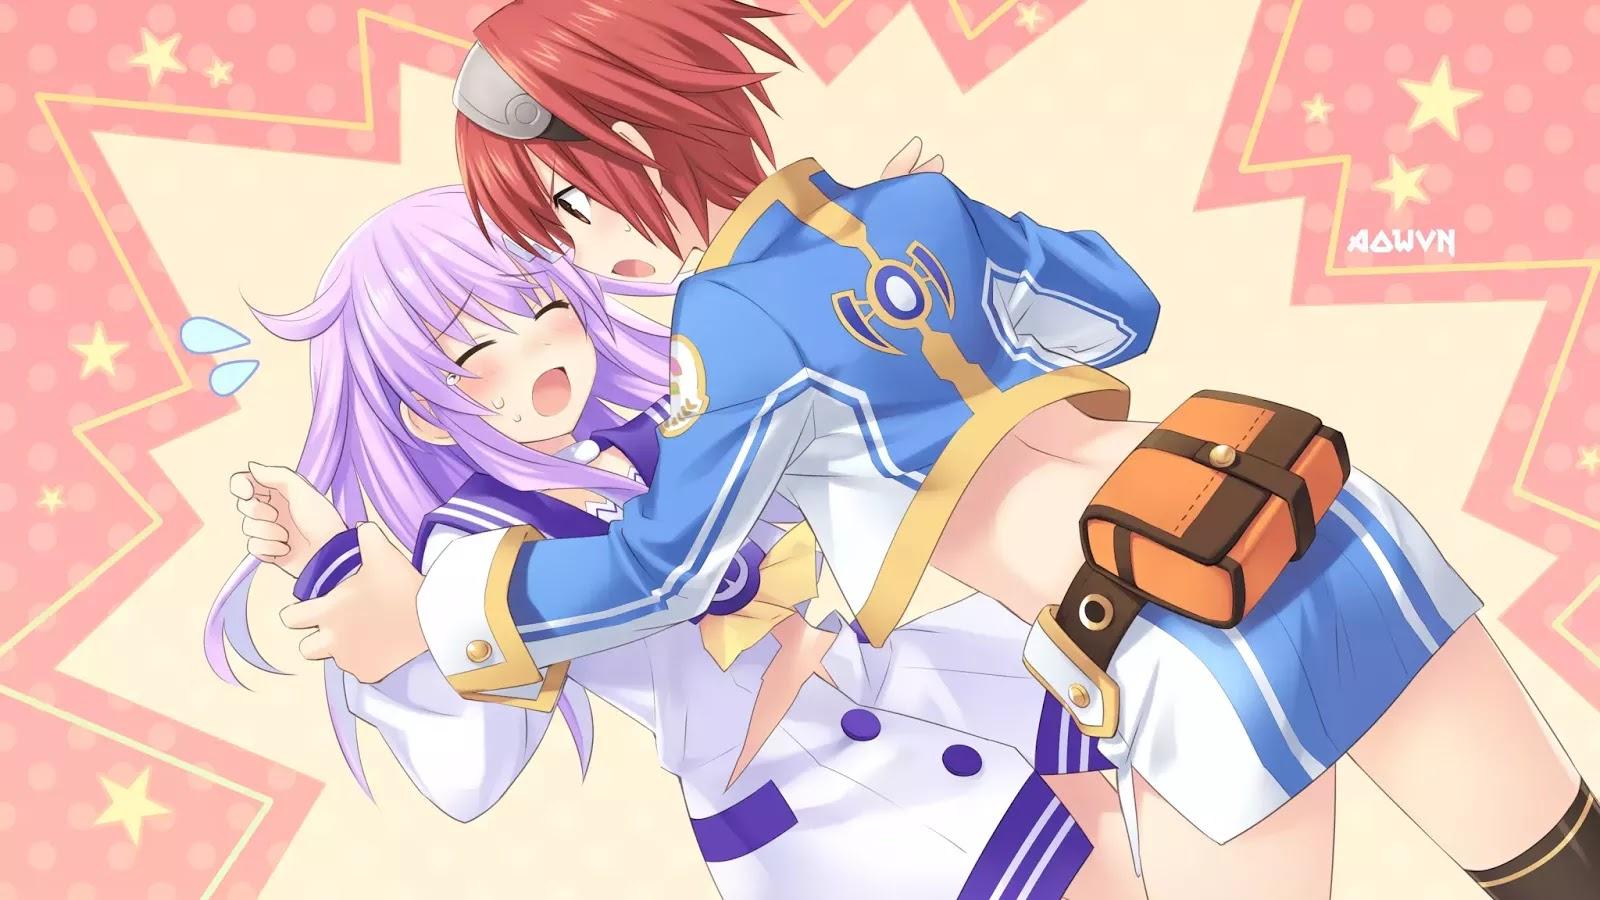 AowVN.org min%2B%252863%2529 - [ Hình Nền ] Game Hyperdimension Neptunia cực đẹp | Anime Wallpapers